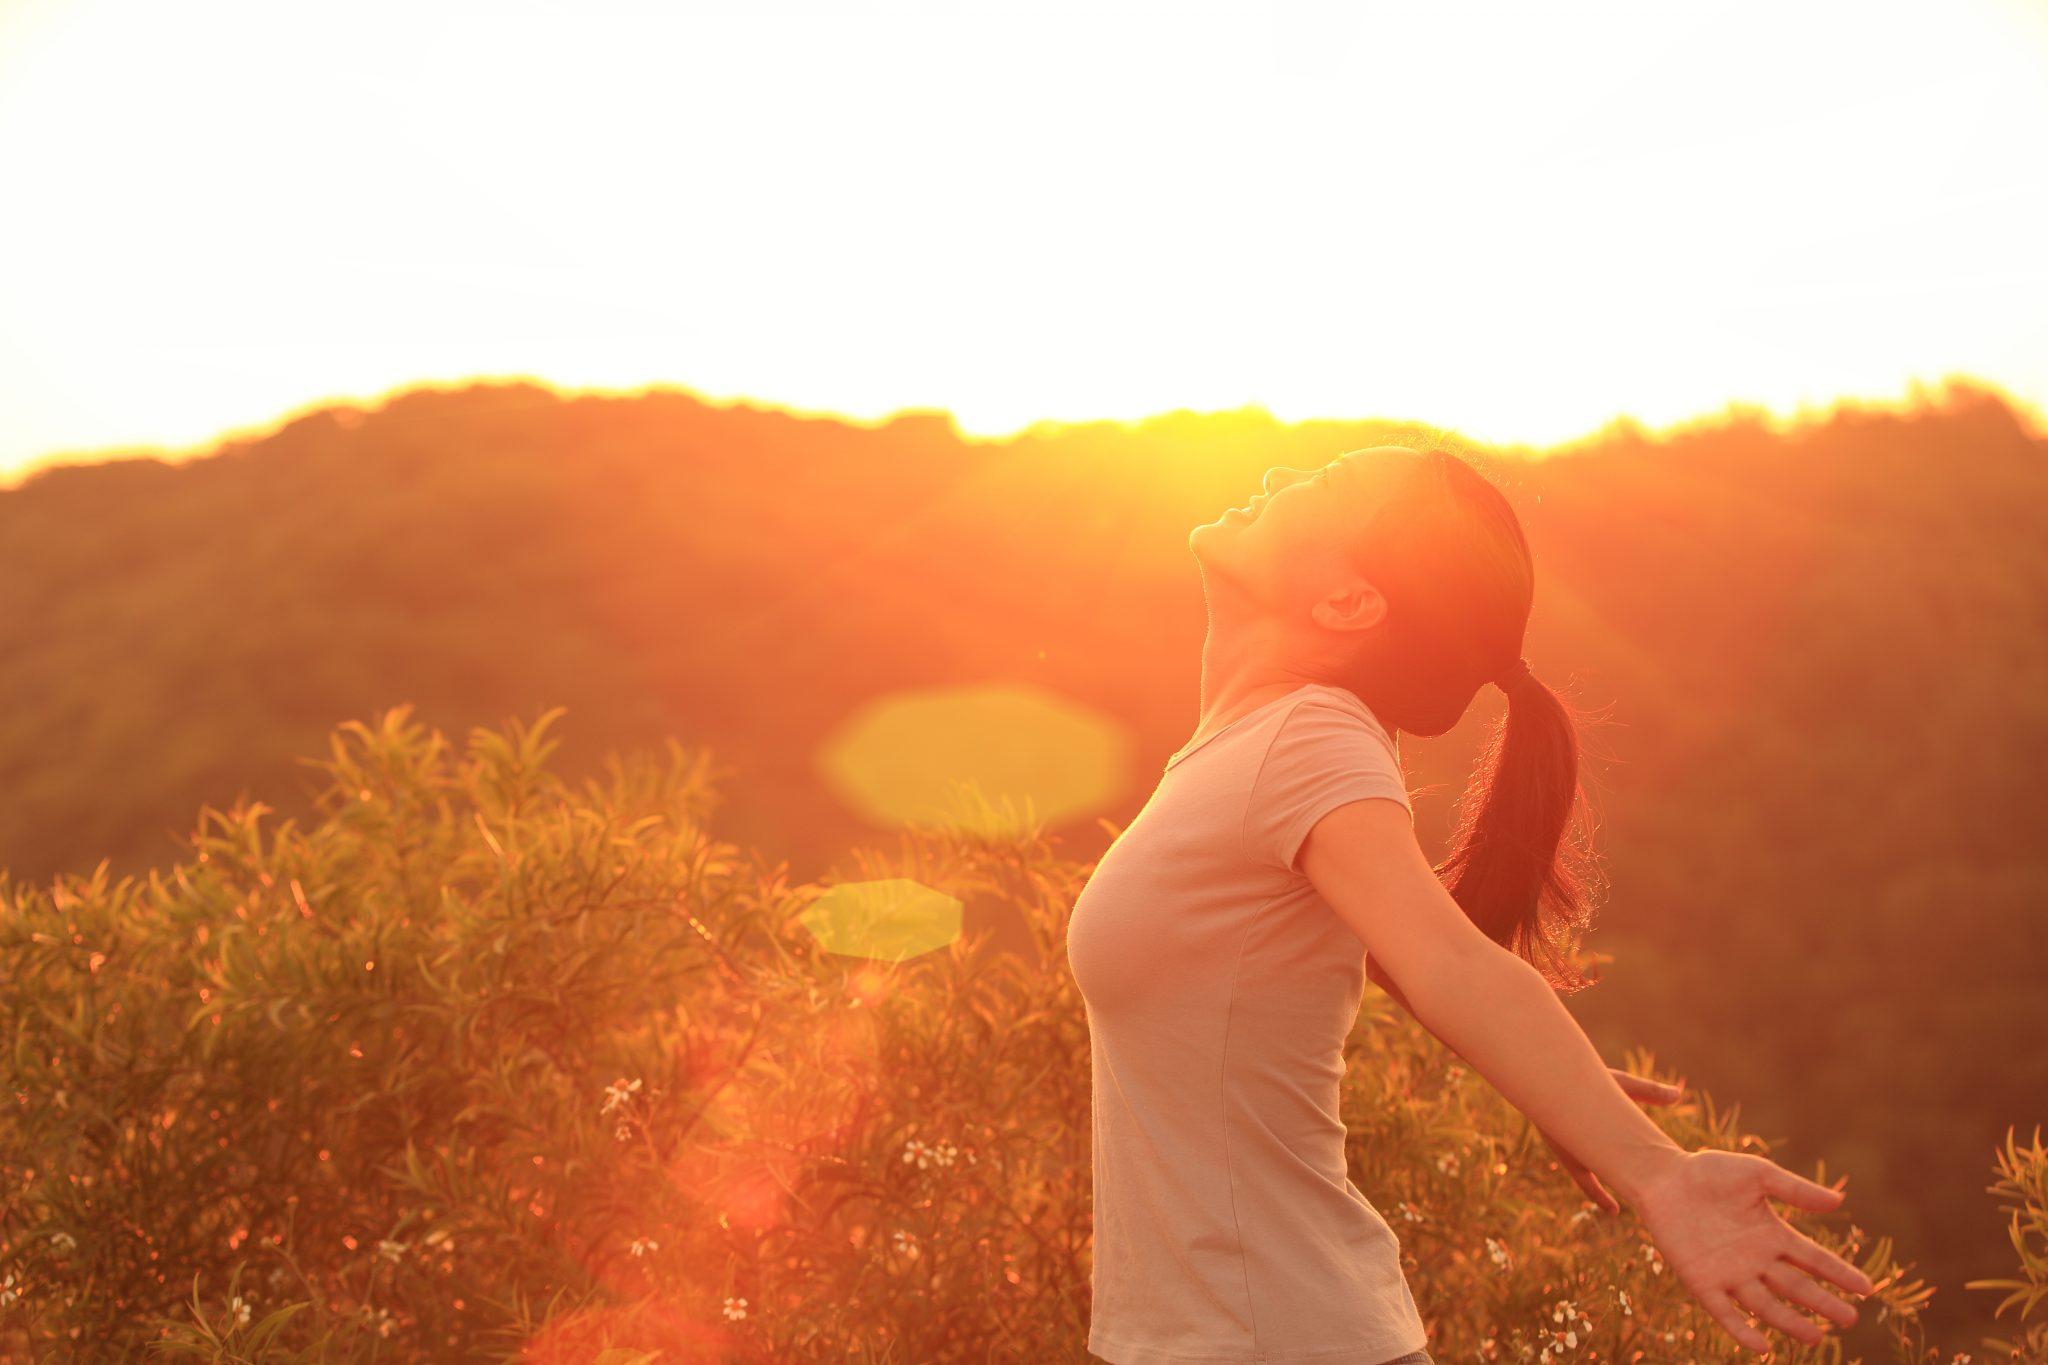 Je accepteert meer je emoties en gedachten dankzij ACT therapy